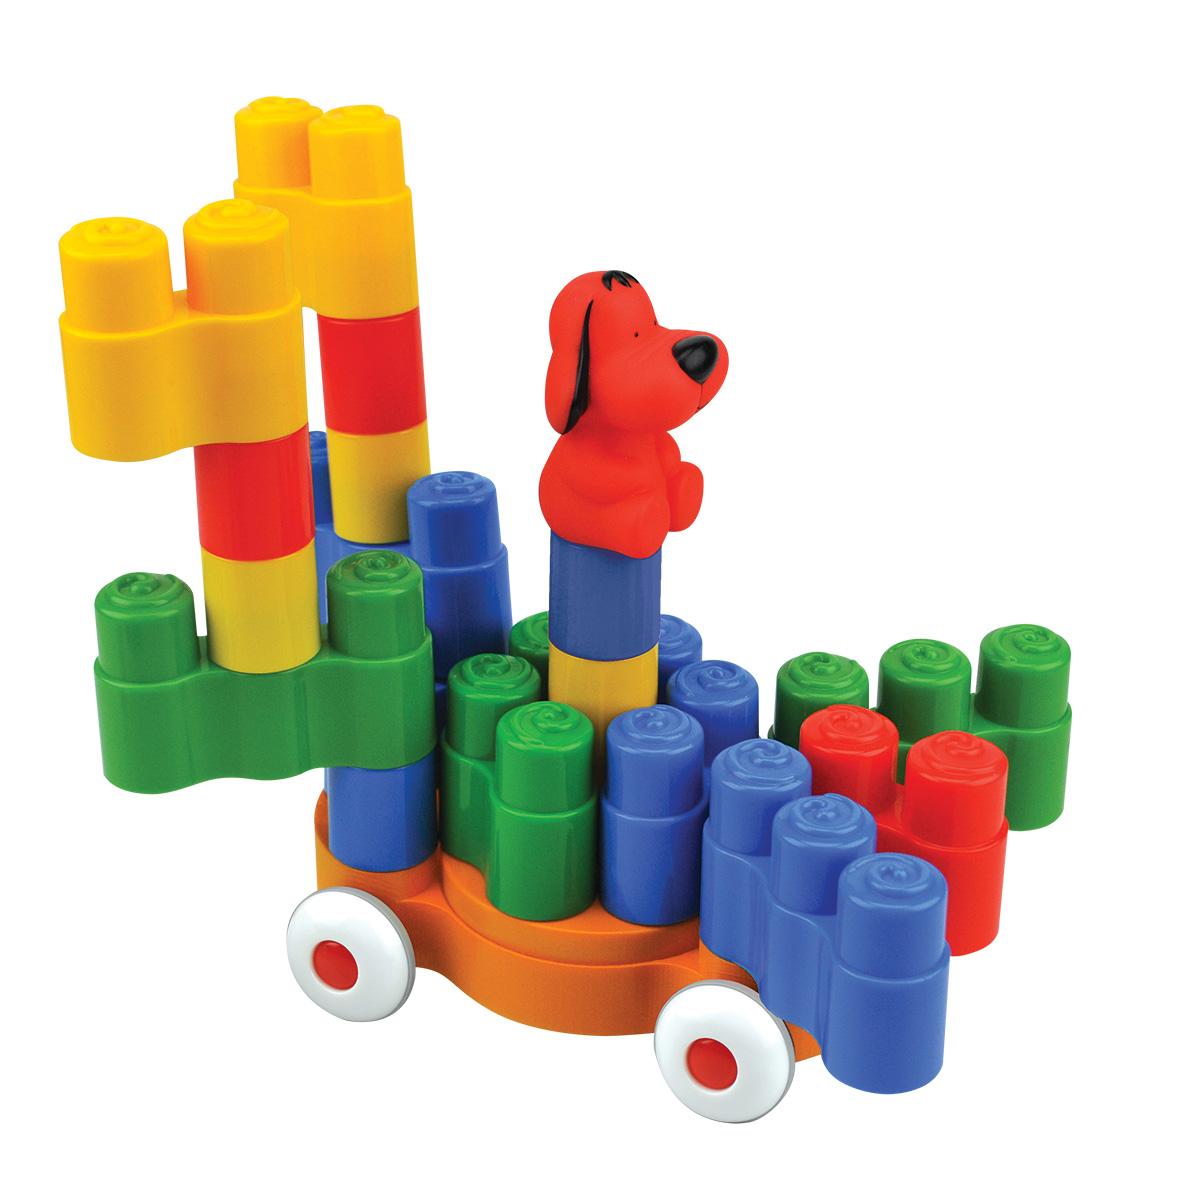 Конструктор - Едем в городРазвивающие игрушки K-Magic от KS Kids<br>Конструктор - Едем в город<br>